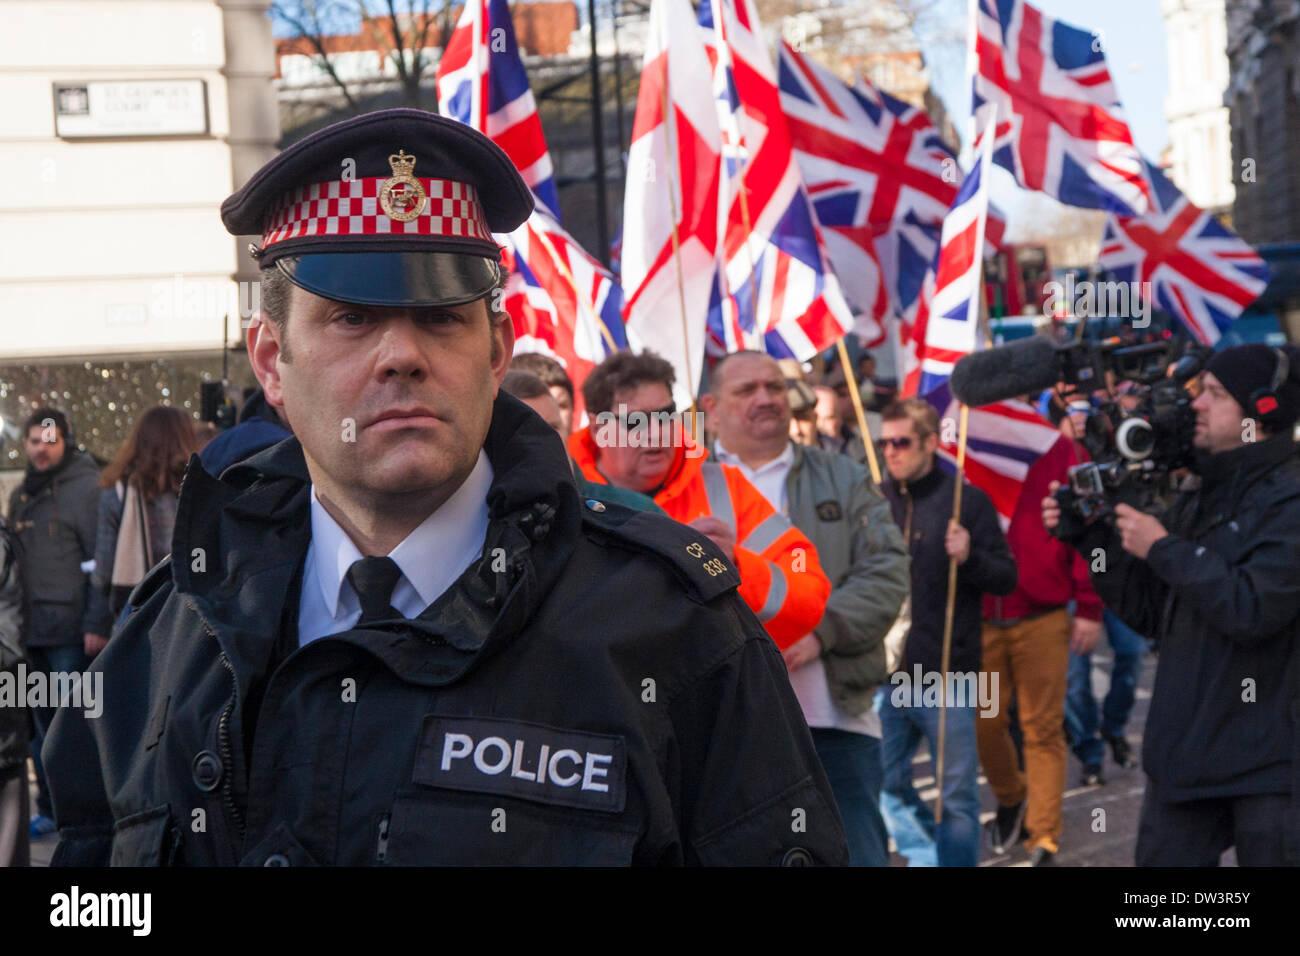 Old Bailey, London 26. Februar 2014. Der Londoner Polizei waren beschäftigt, als Mitglieder von mehreren rechten Stockbild